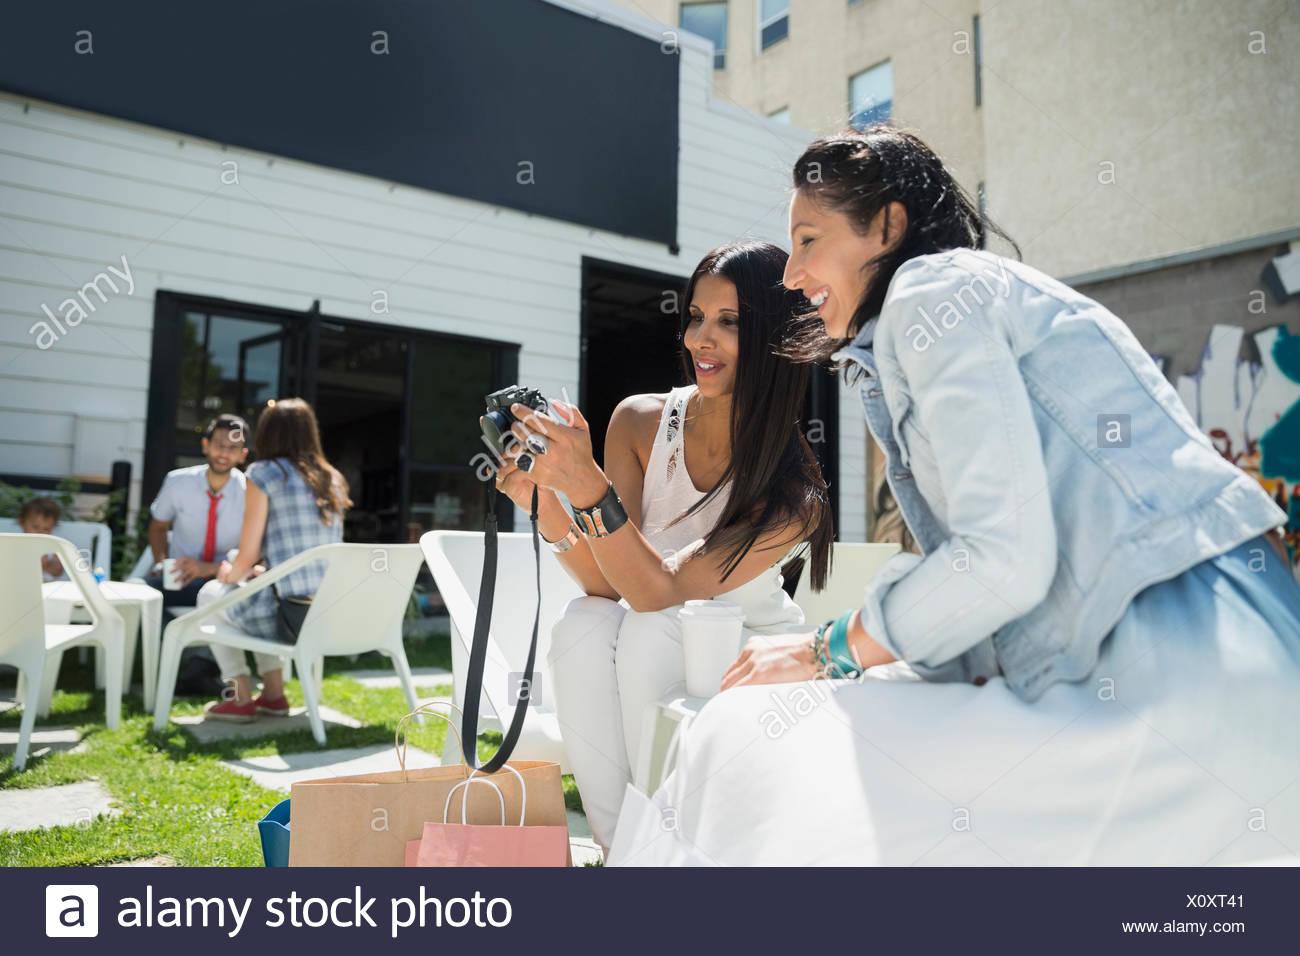 Las mujeres ver fotos cámara digital en sunny foto Imagen De Stock